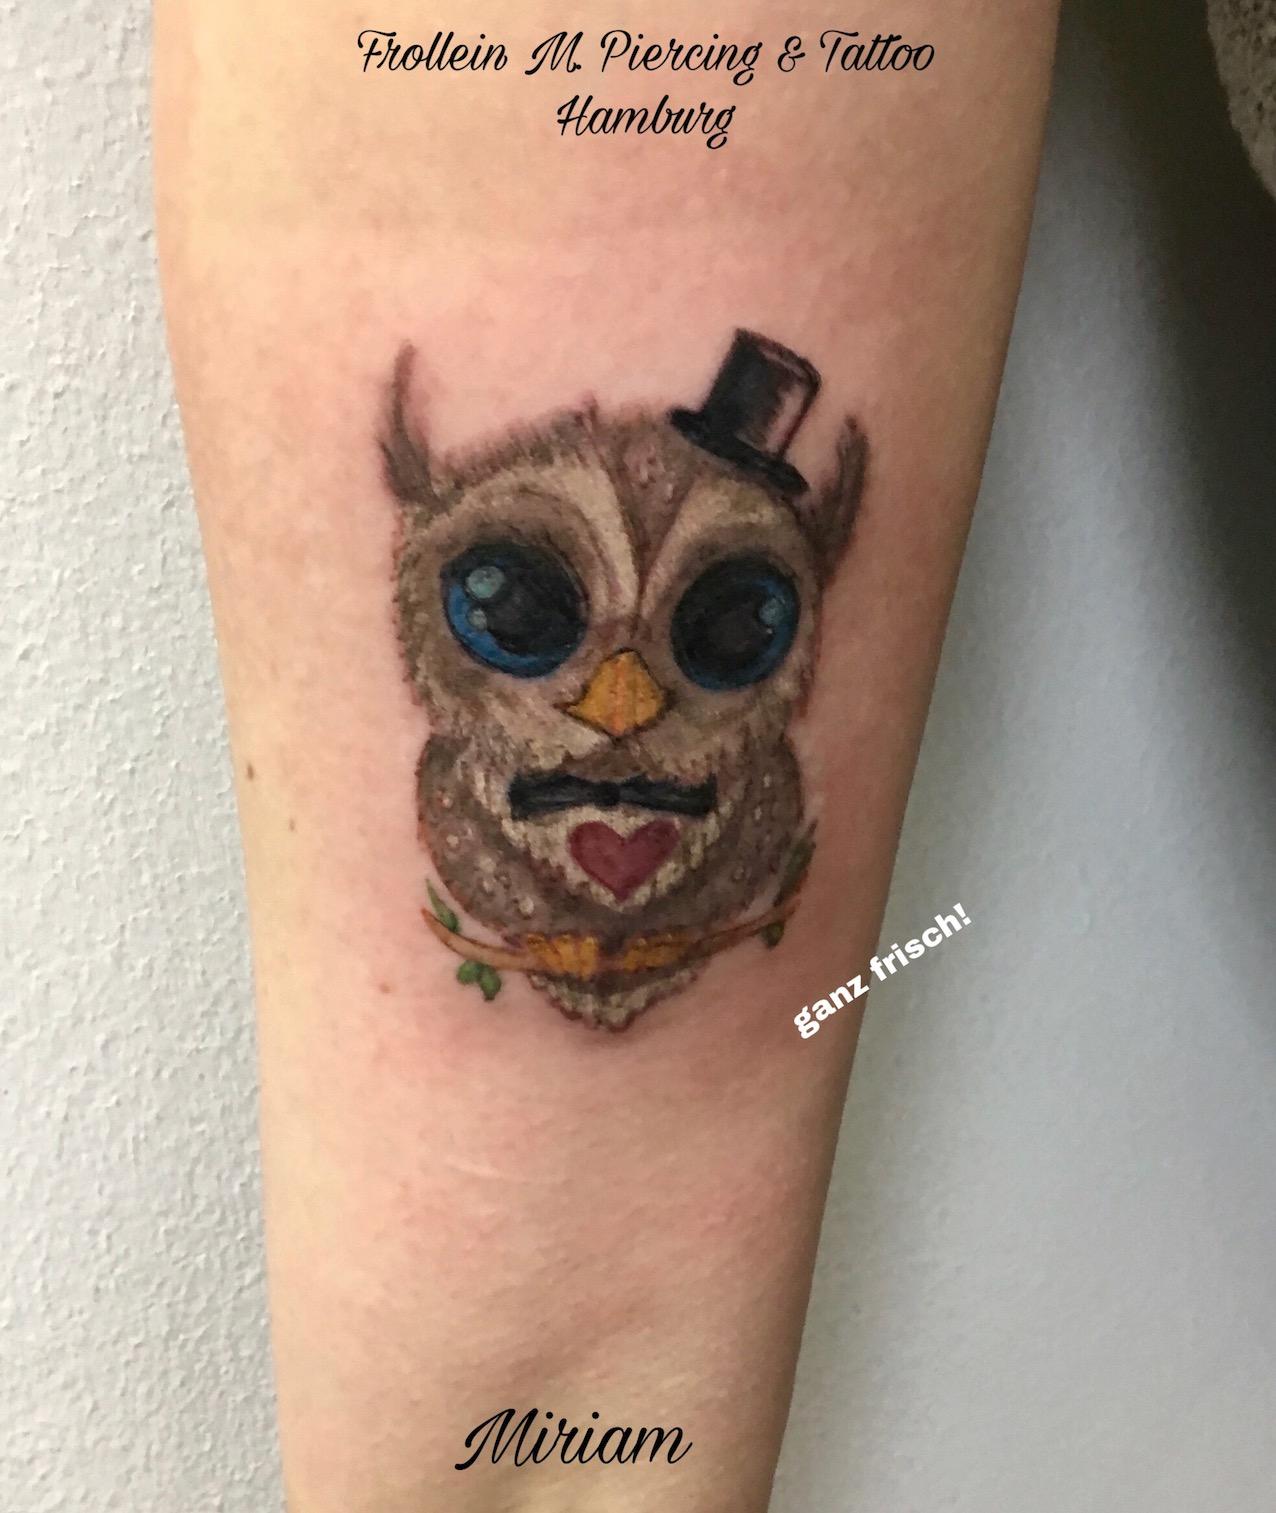 eule tattoo frollein m tattoo miriam frollein m piercing und tattoostudio hamburg. Black Bedroom Furniture Sets. Home Design Ideas